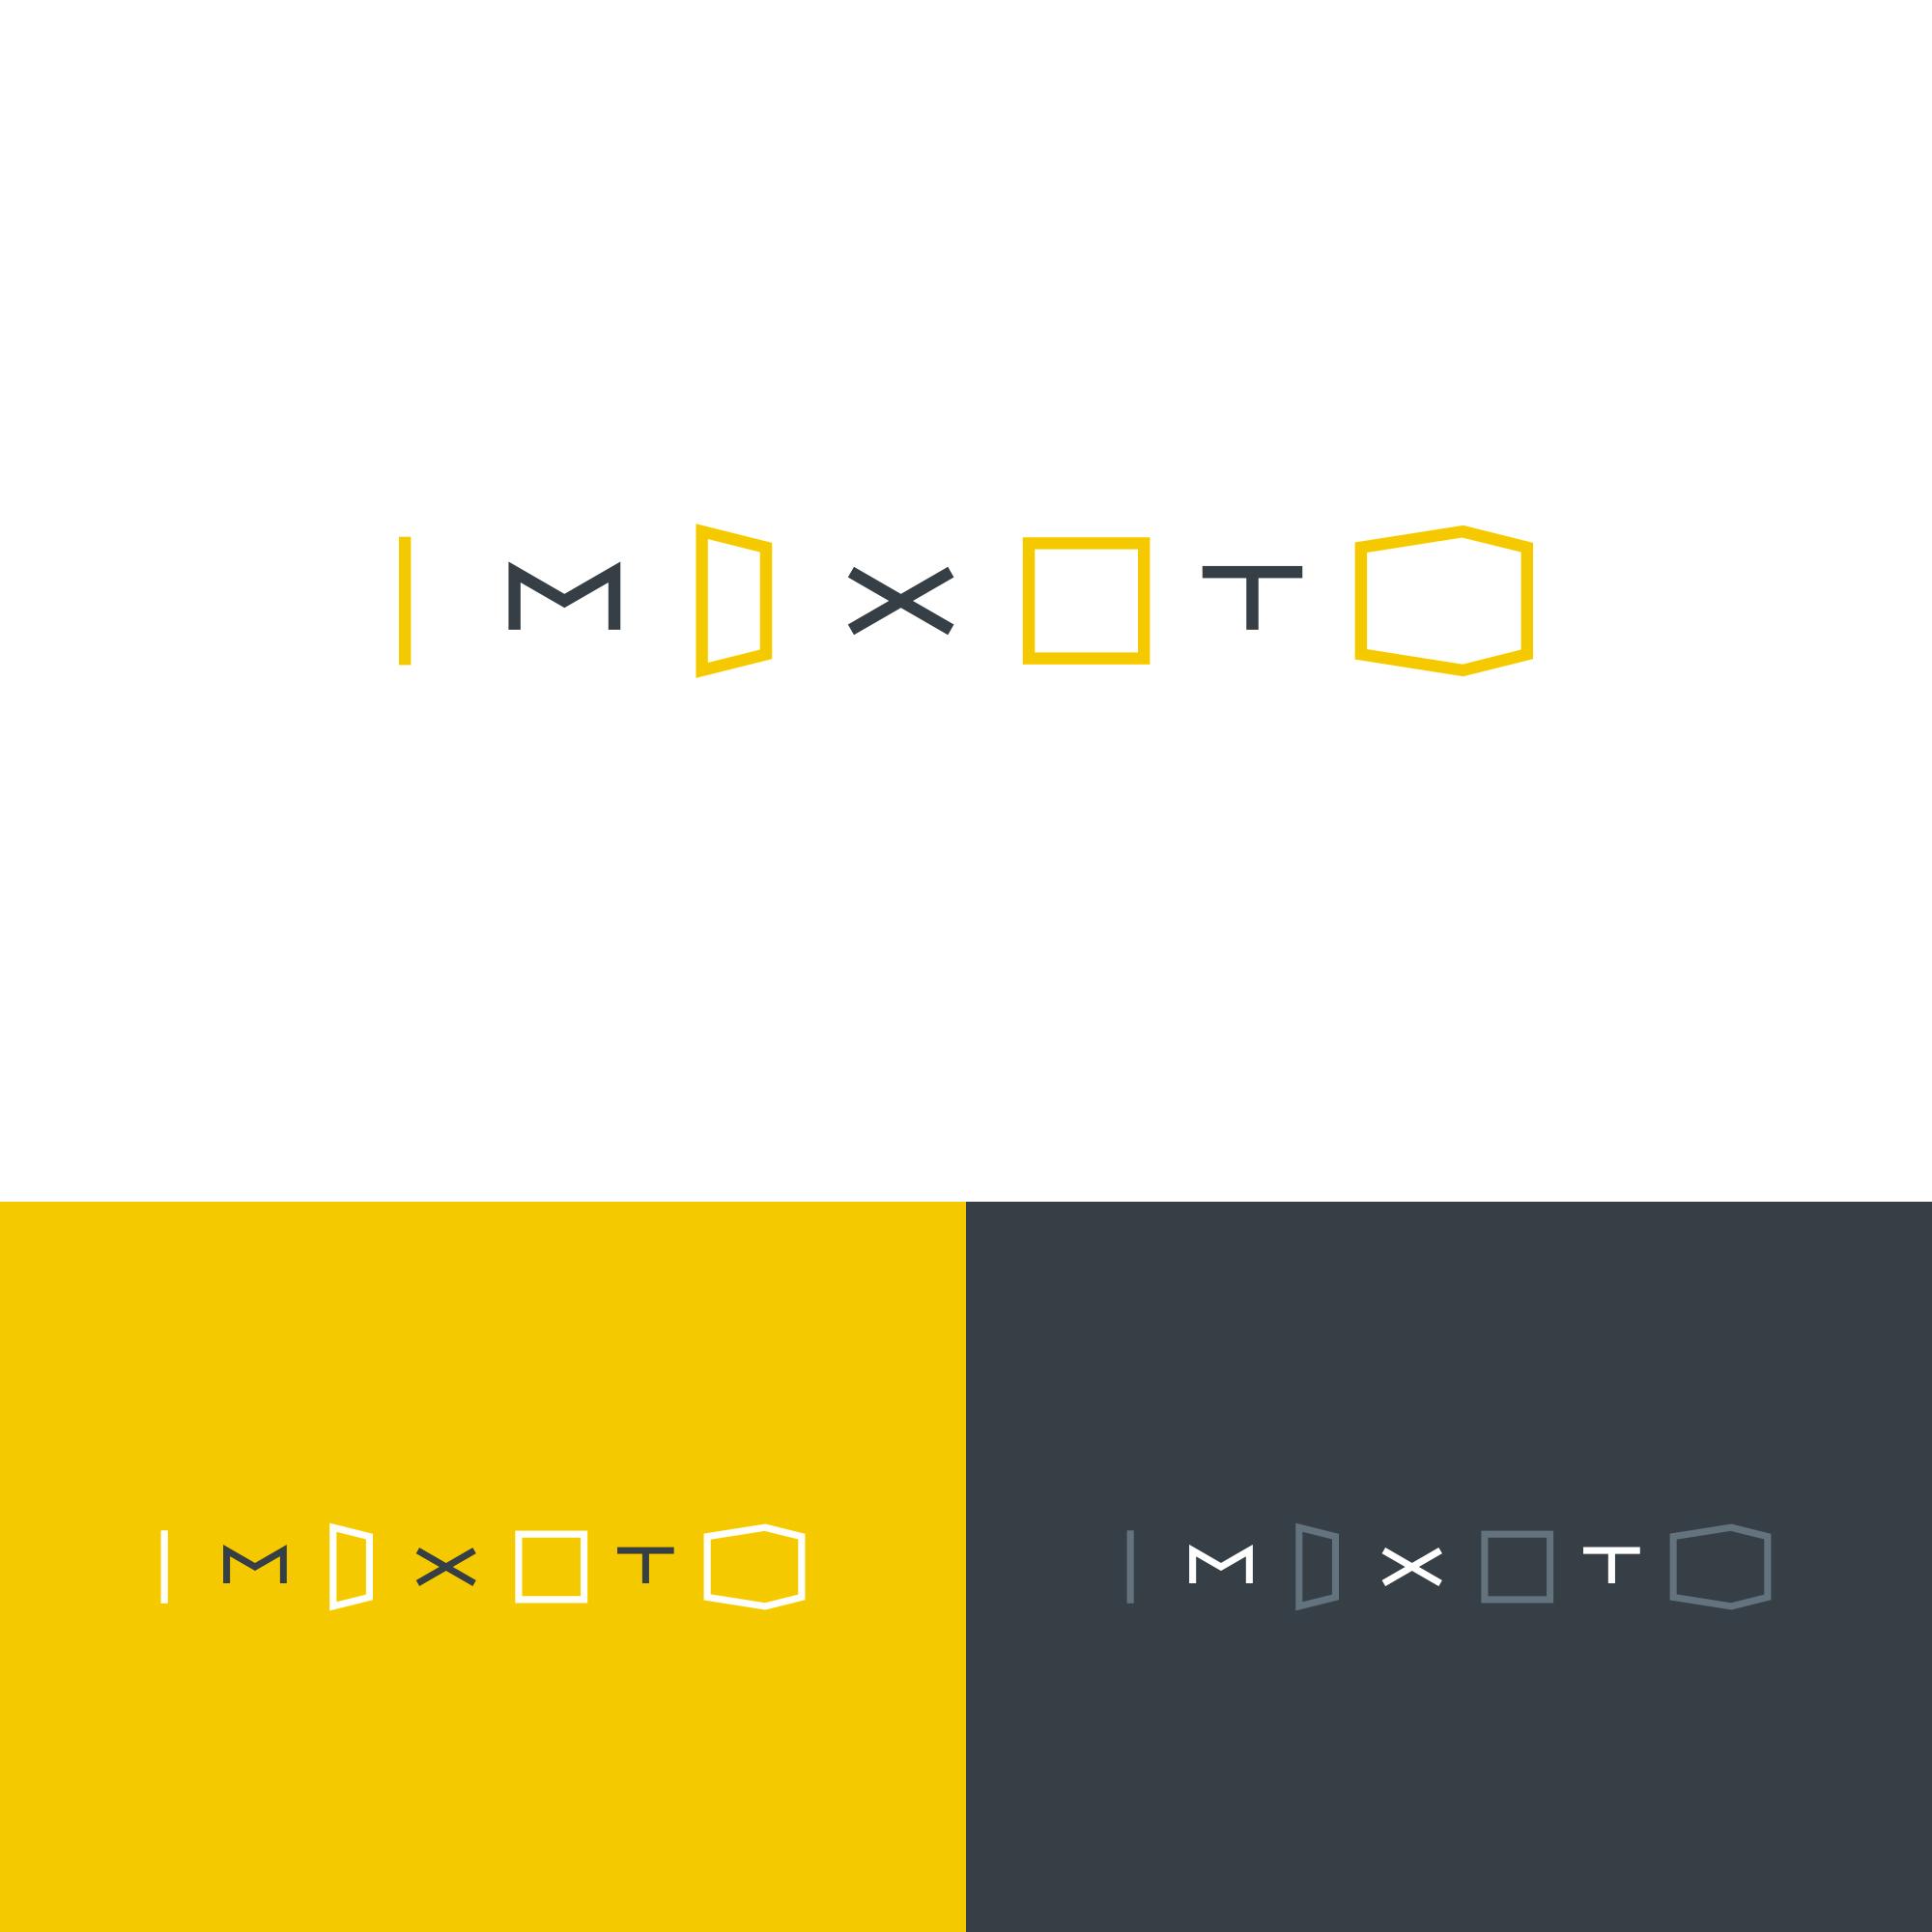 MXT 002